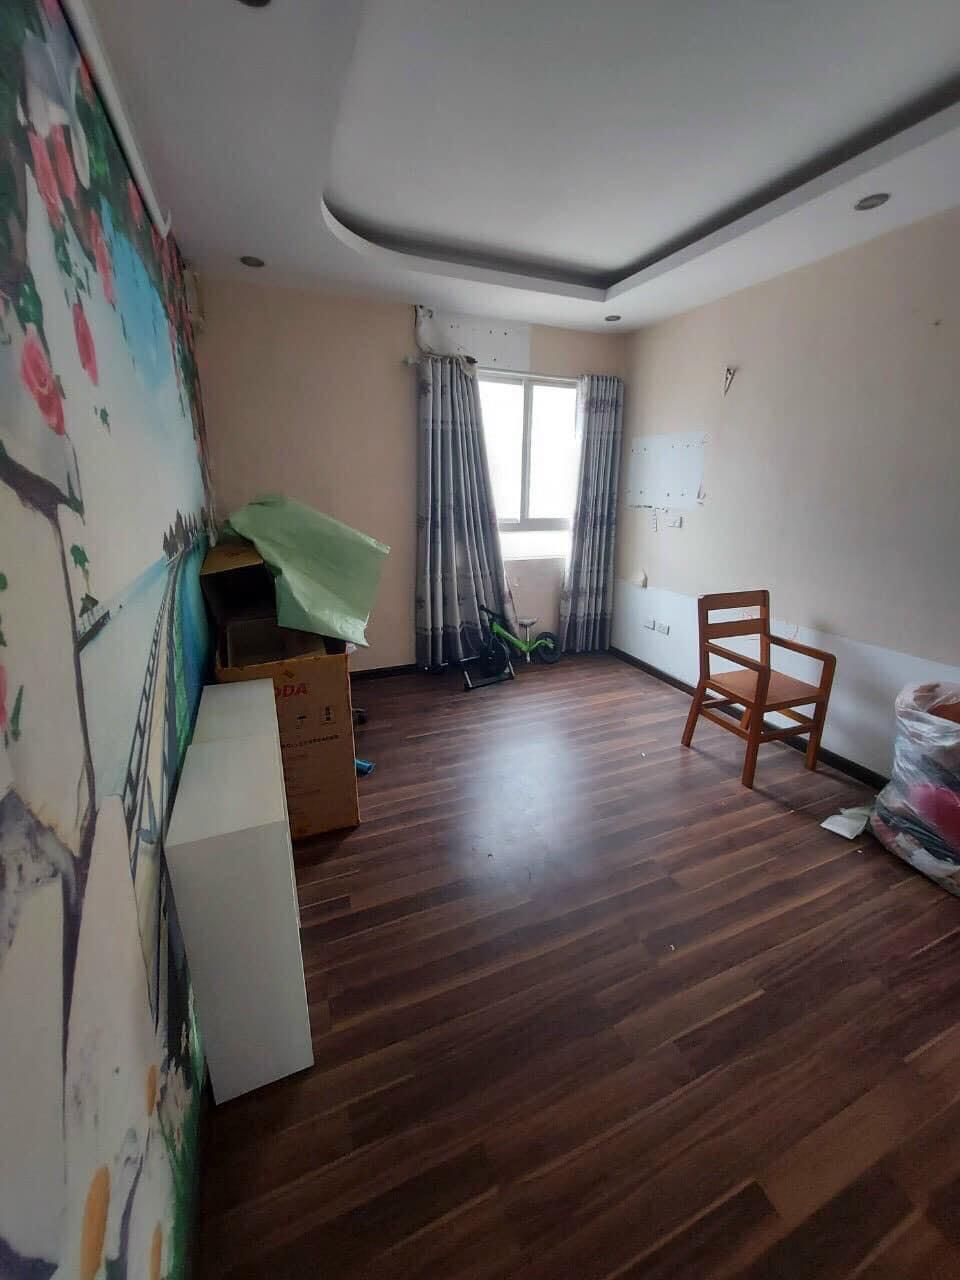 Trước khi lên đường đi đẻ, mẹ bầu Hà Thành 'biến hoá' căn hộ cũ đẹp hoài cổ đan xen hiện đại rất đặc biệt - Ảnh 15